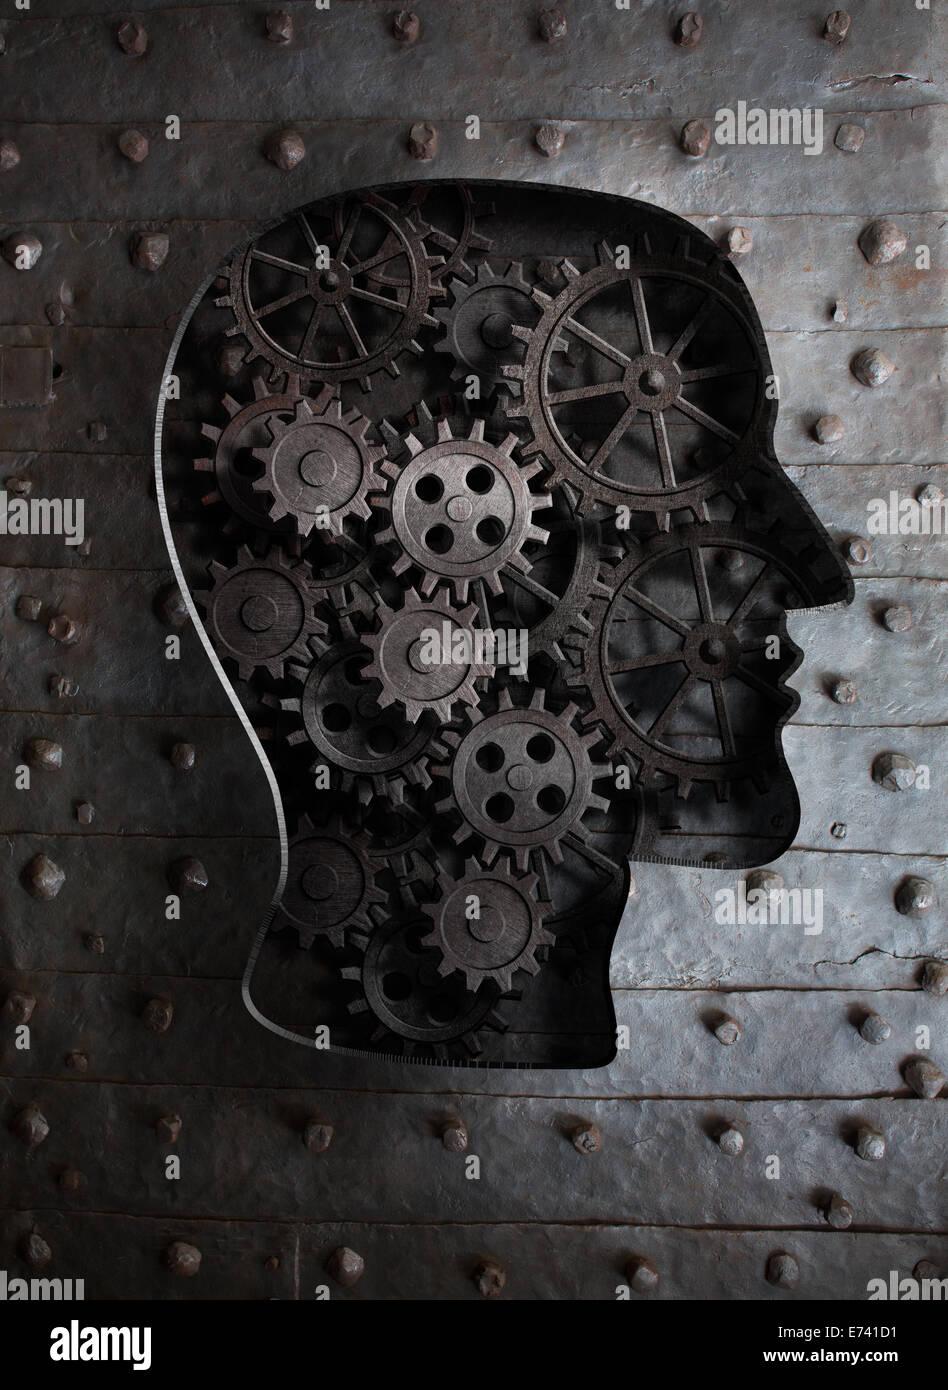 Concepto de cerebro: engranajes metálicos y dientes en cabeza humana Imagen De Stock